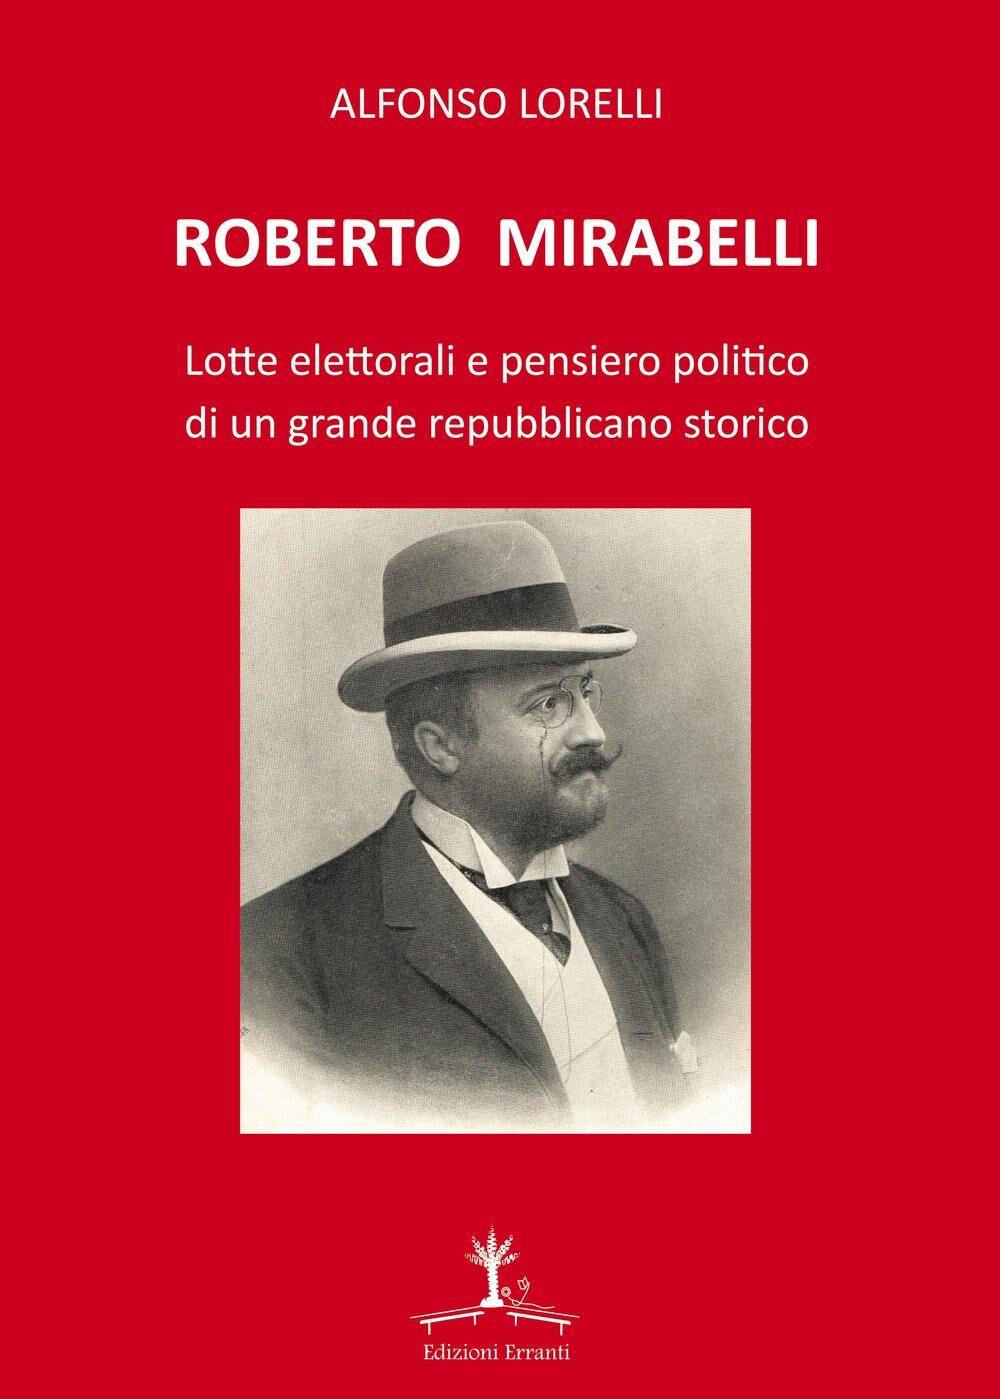 Roberto Mirabelli. Lotte elettorali e pensiero politico di un grande repubblicano storico